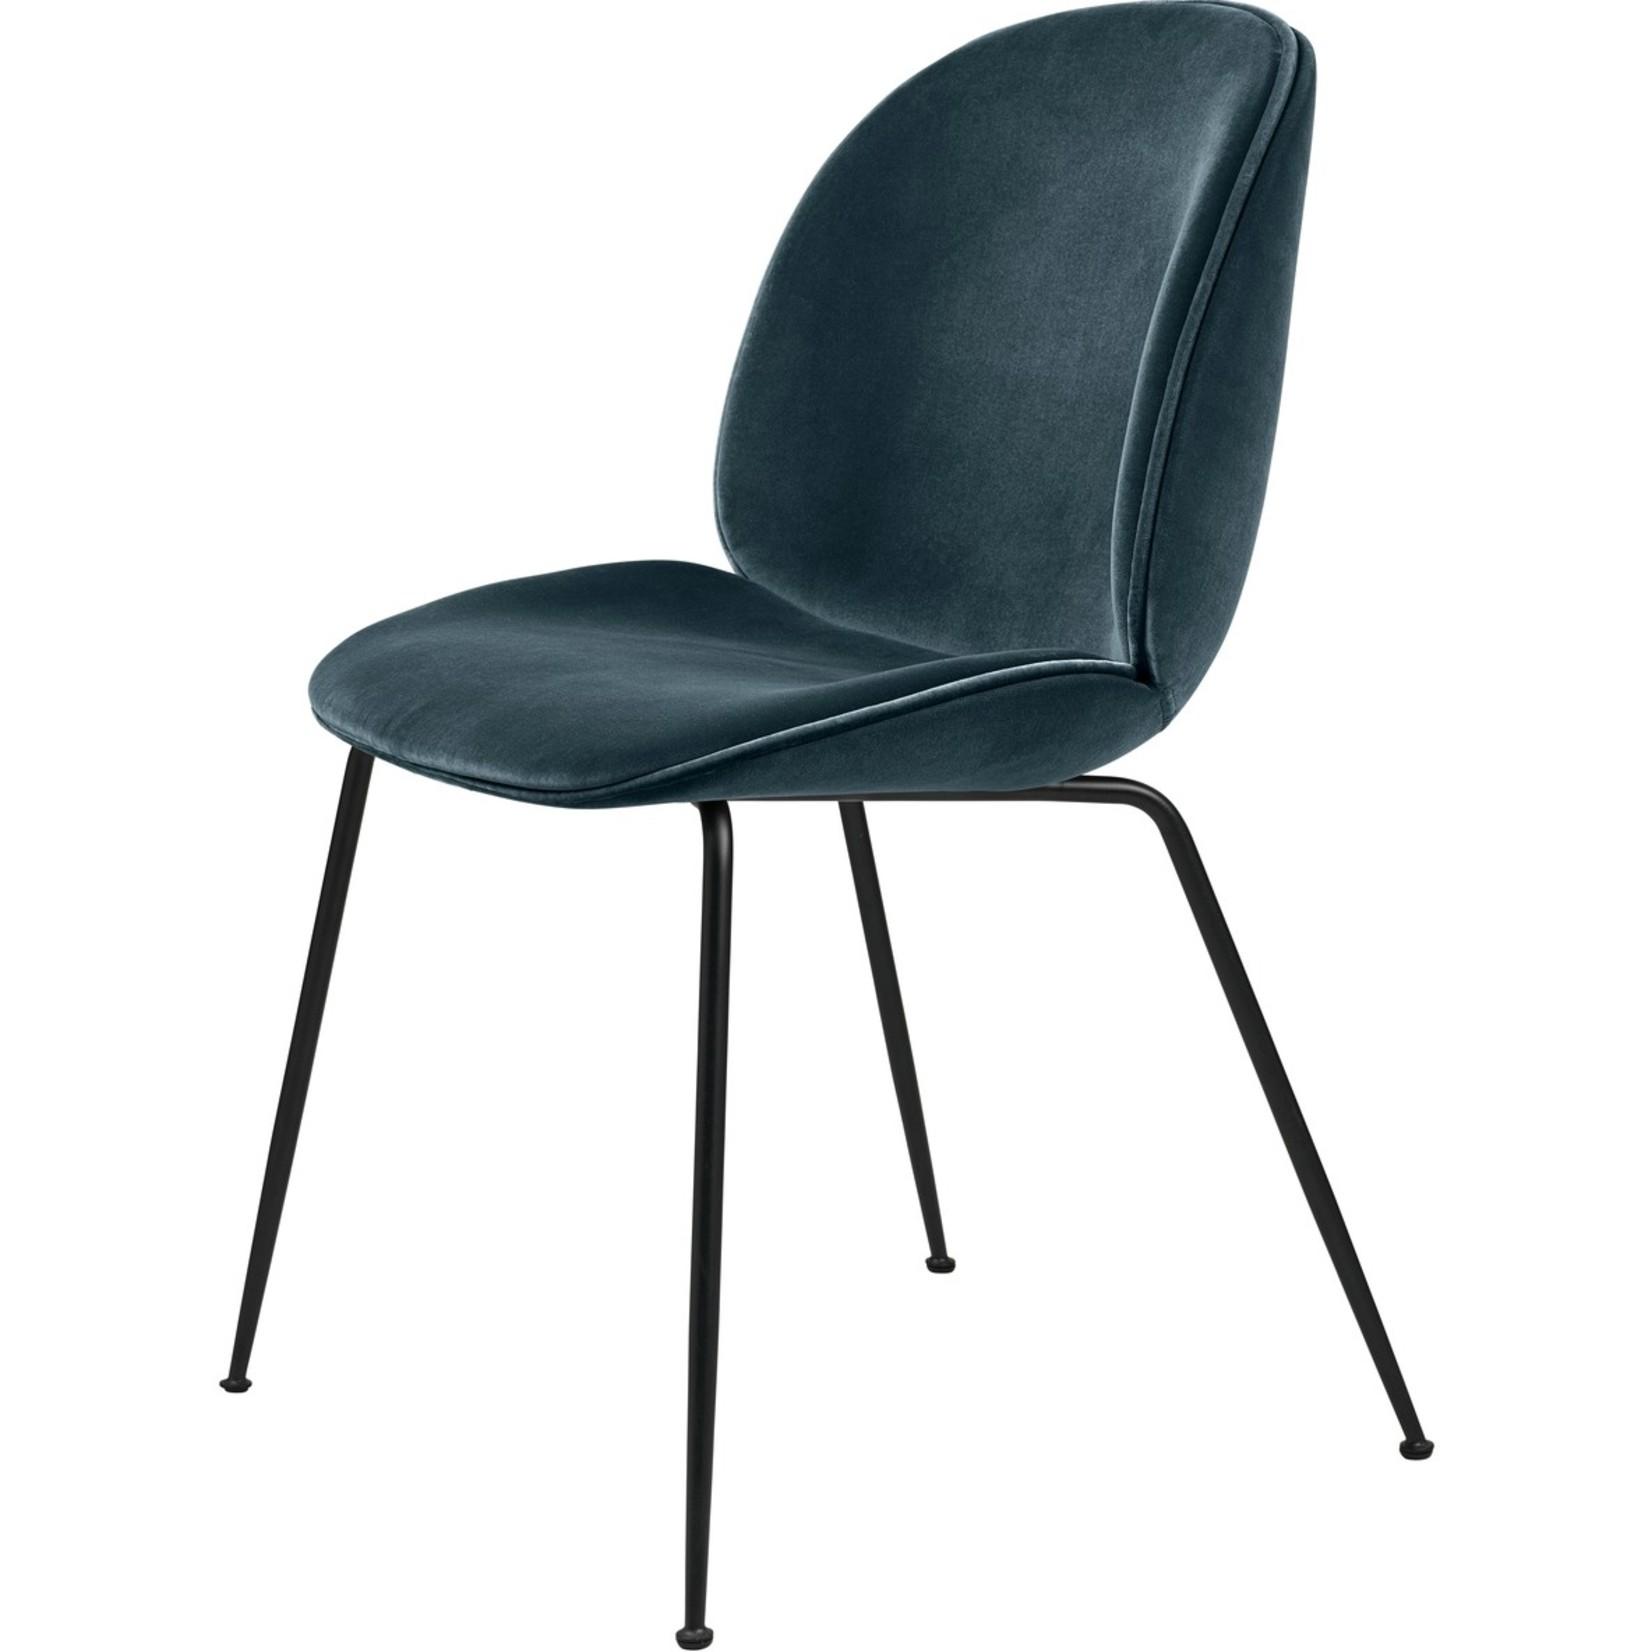 Gubi Beetle Dining Chair | Steel Blue & Black Matt Base